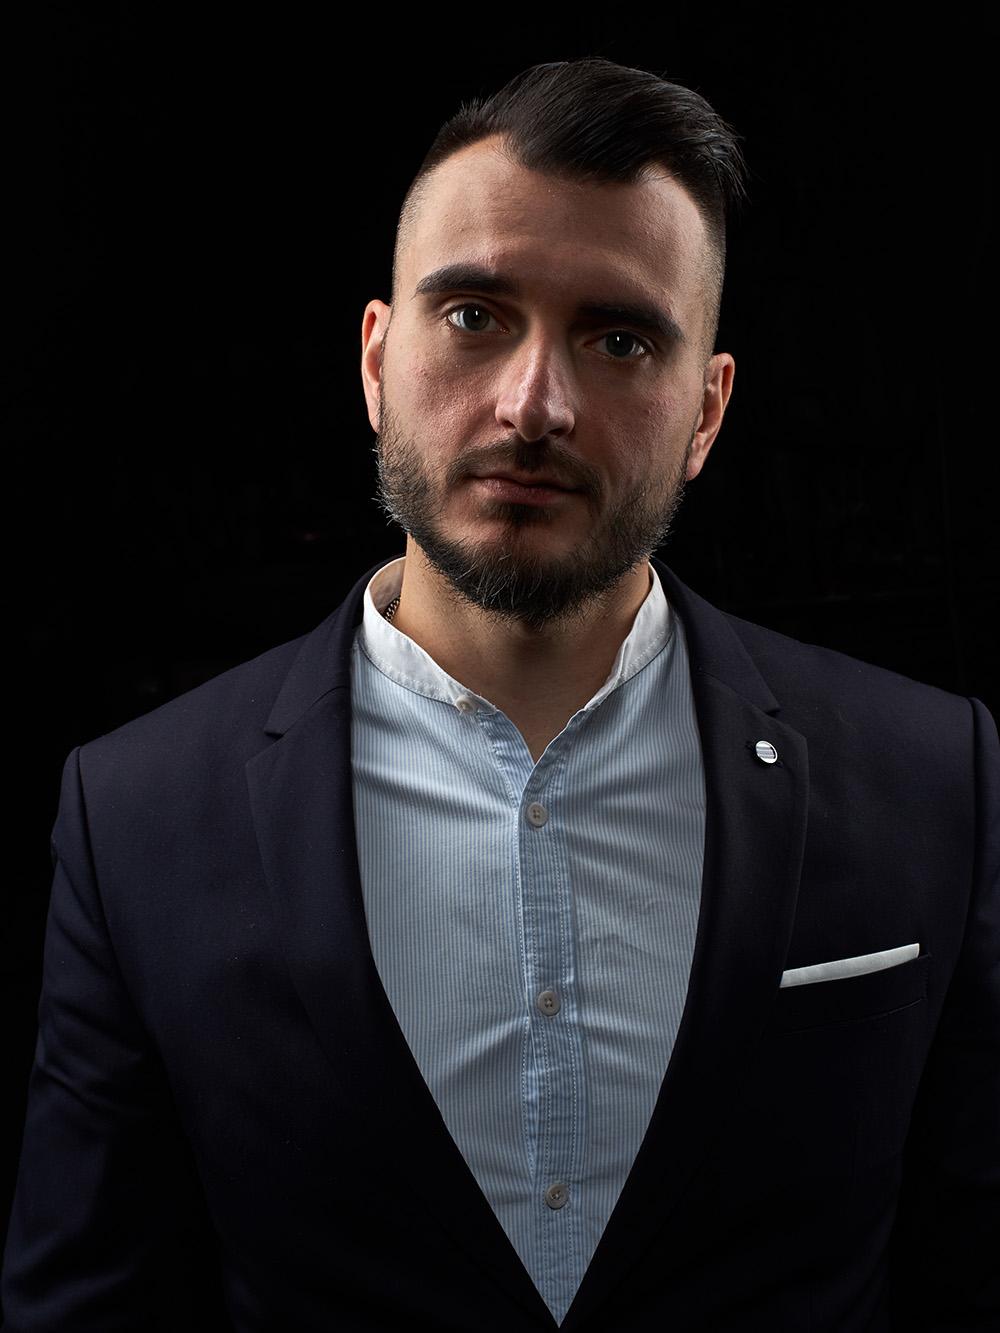 Цепелев Константин,  основатель и генеральный директор компании BRIGHT BURO. Светодизайн и Комплектация